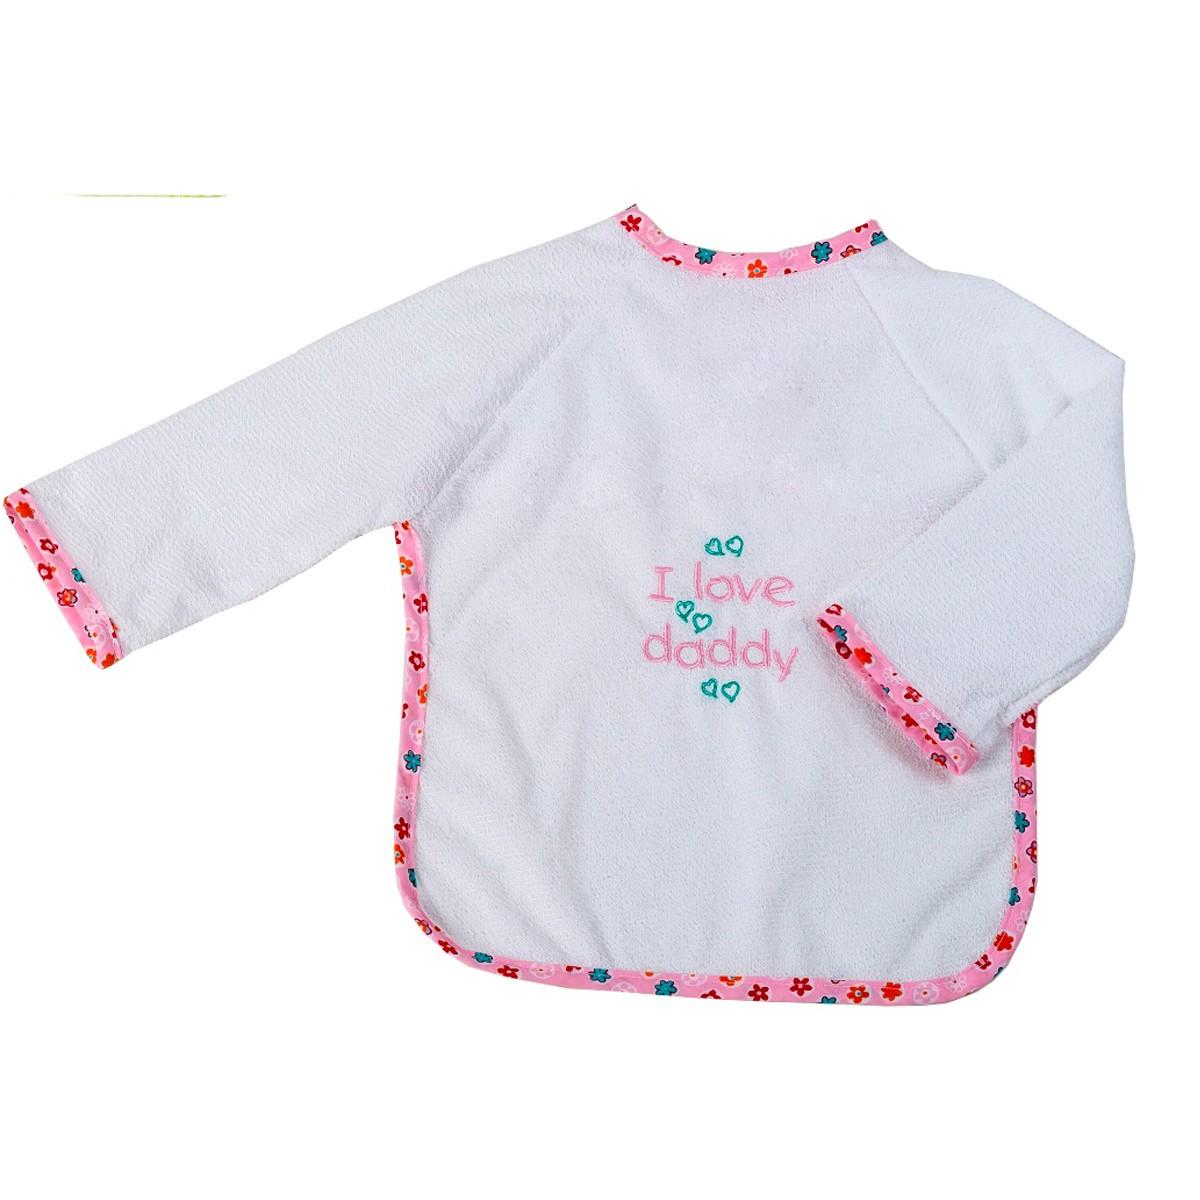 Σαλιάρα Με Μανίκια Κόσμος Του Μωρού Daddy 0610 Ροζ